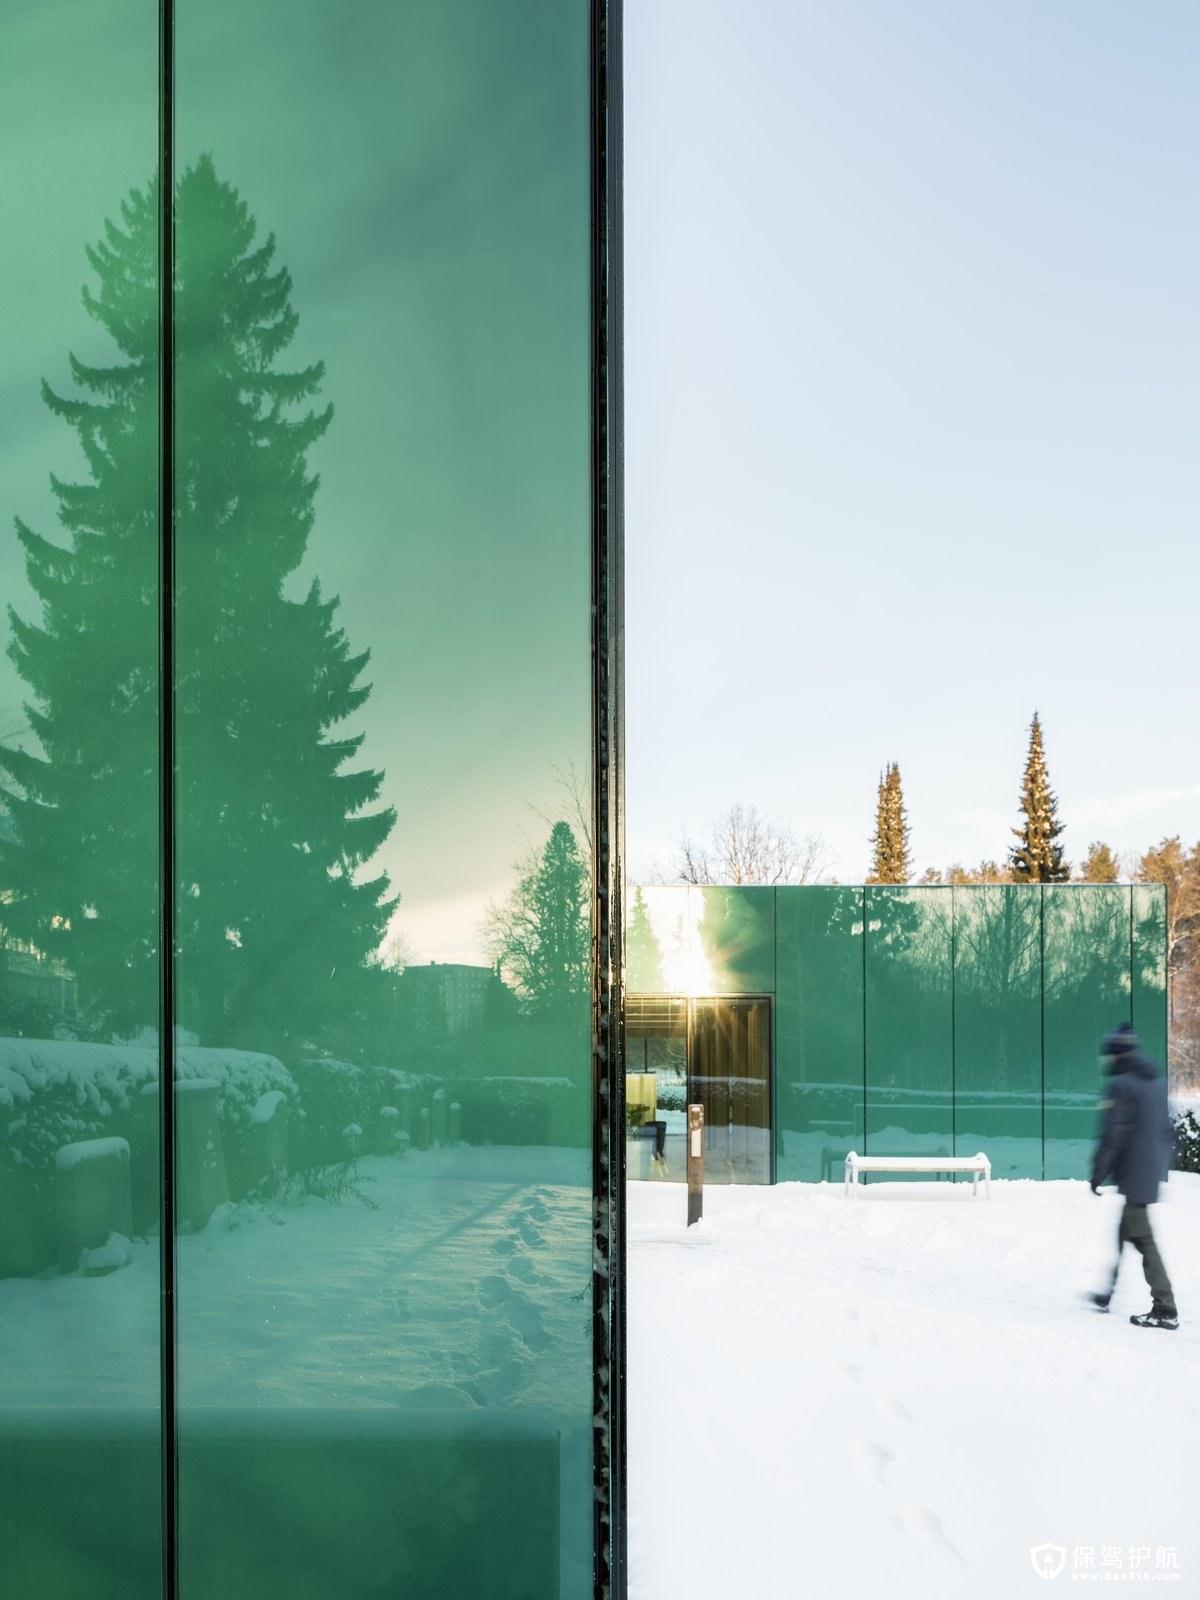 win10瑞典风景壁纸